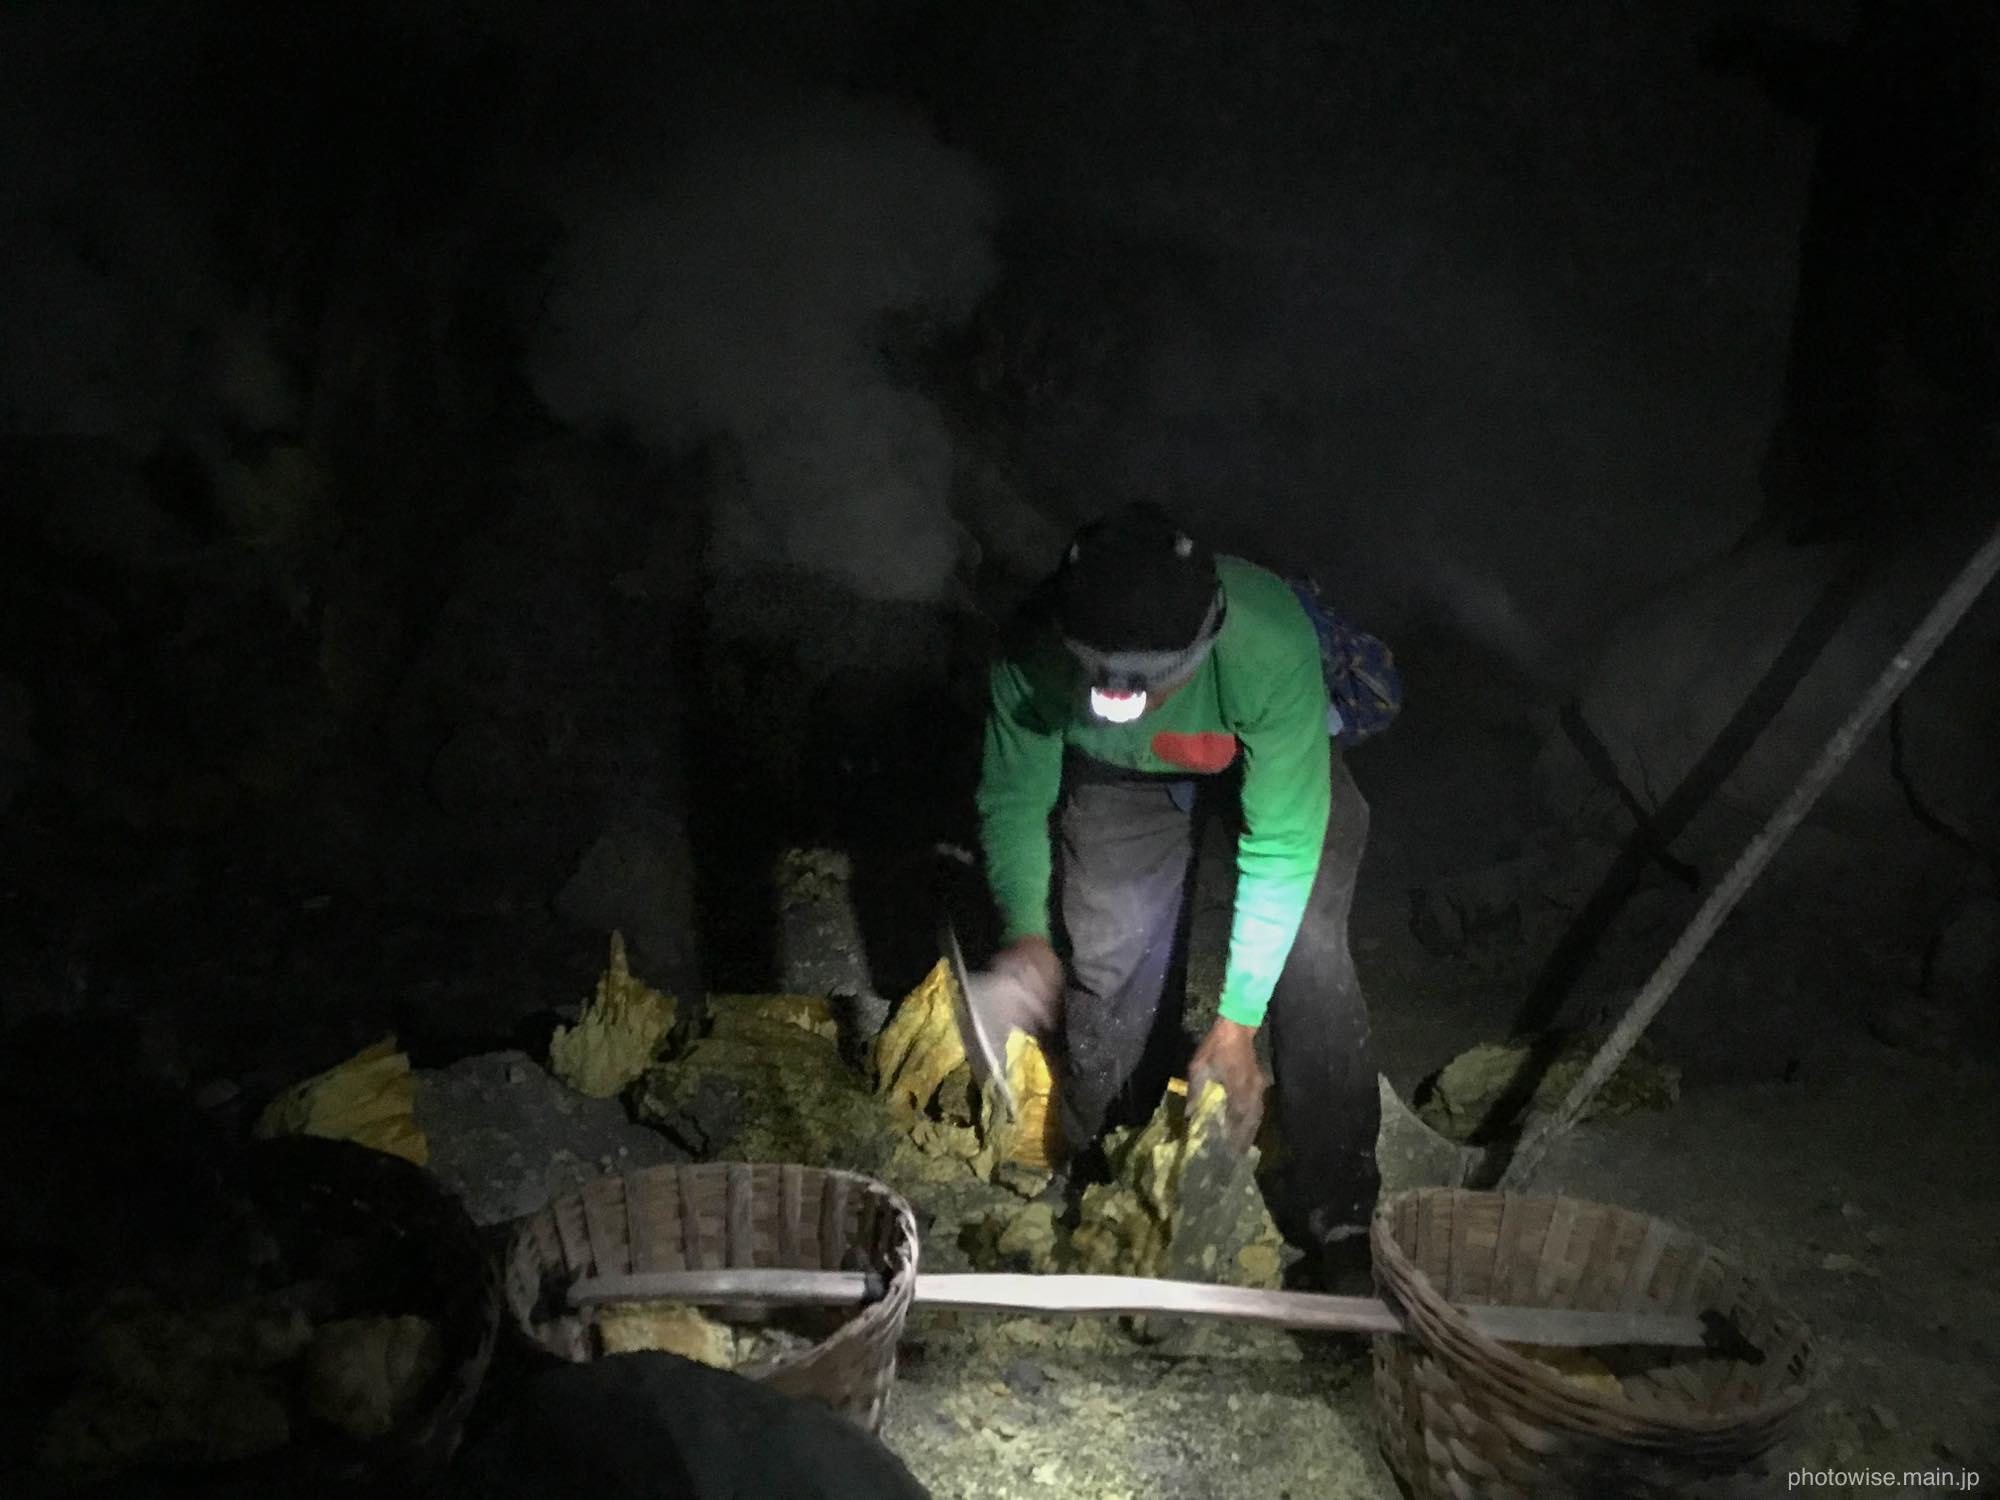 硫黄採掘現場